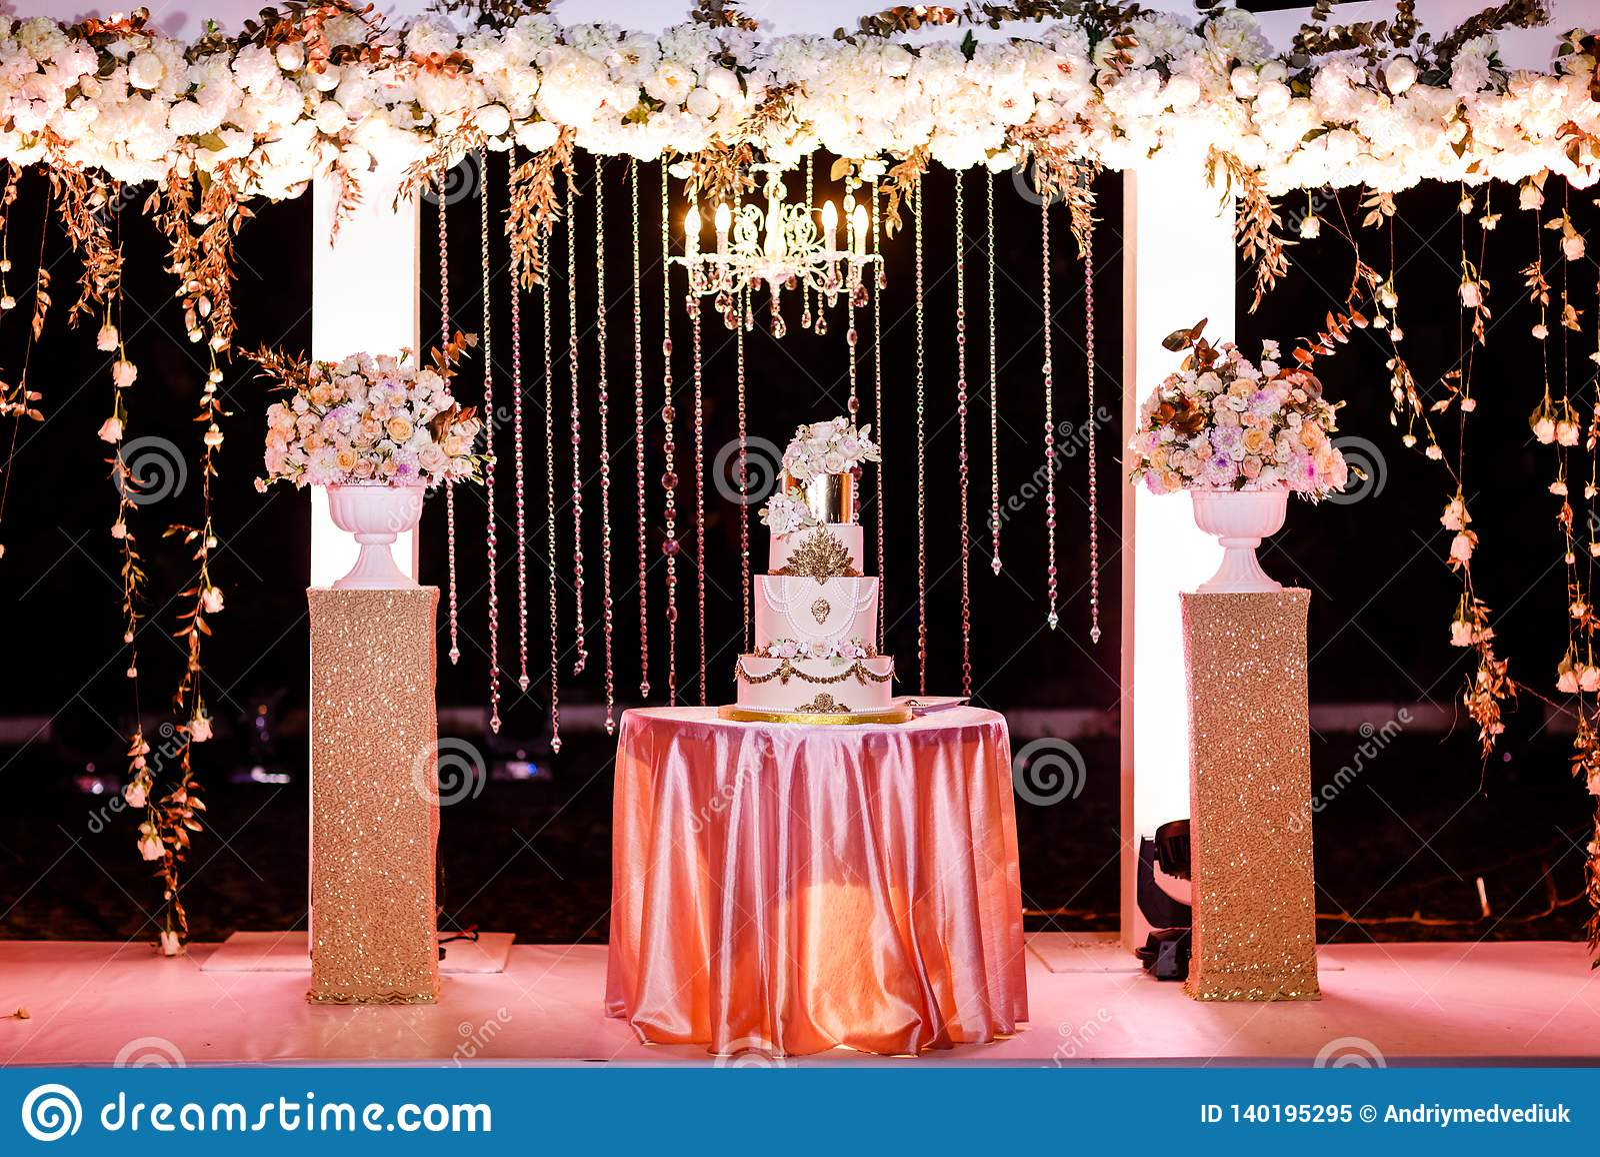 Tabela com um bolo de casamento, velas, luz e flores Decoração do casamento